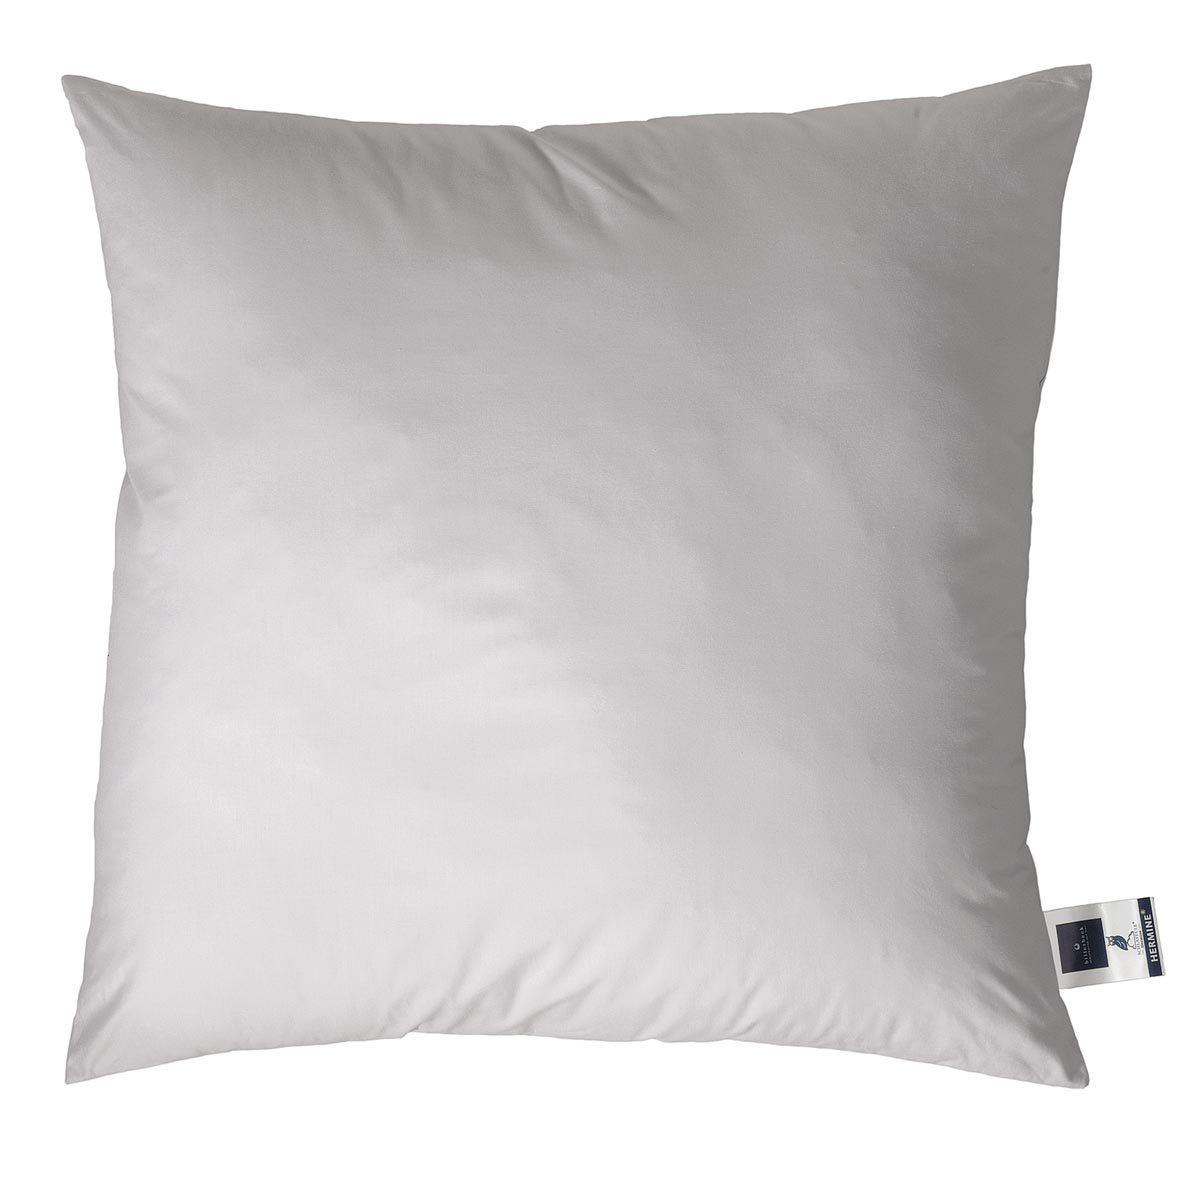 Hermine Kopfkissen 30% Daunen silver